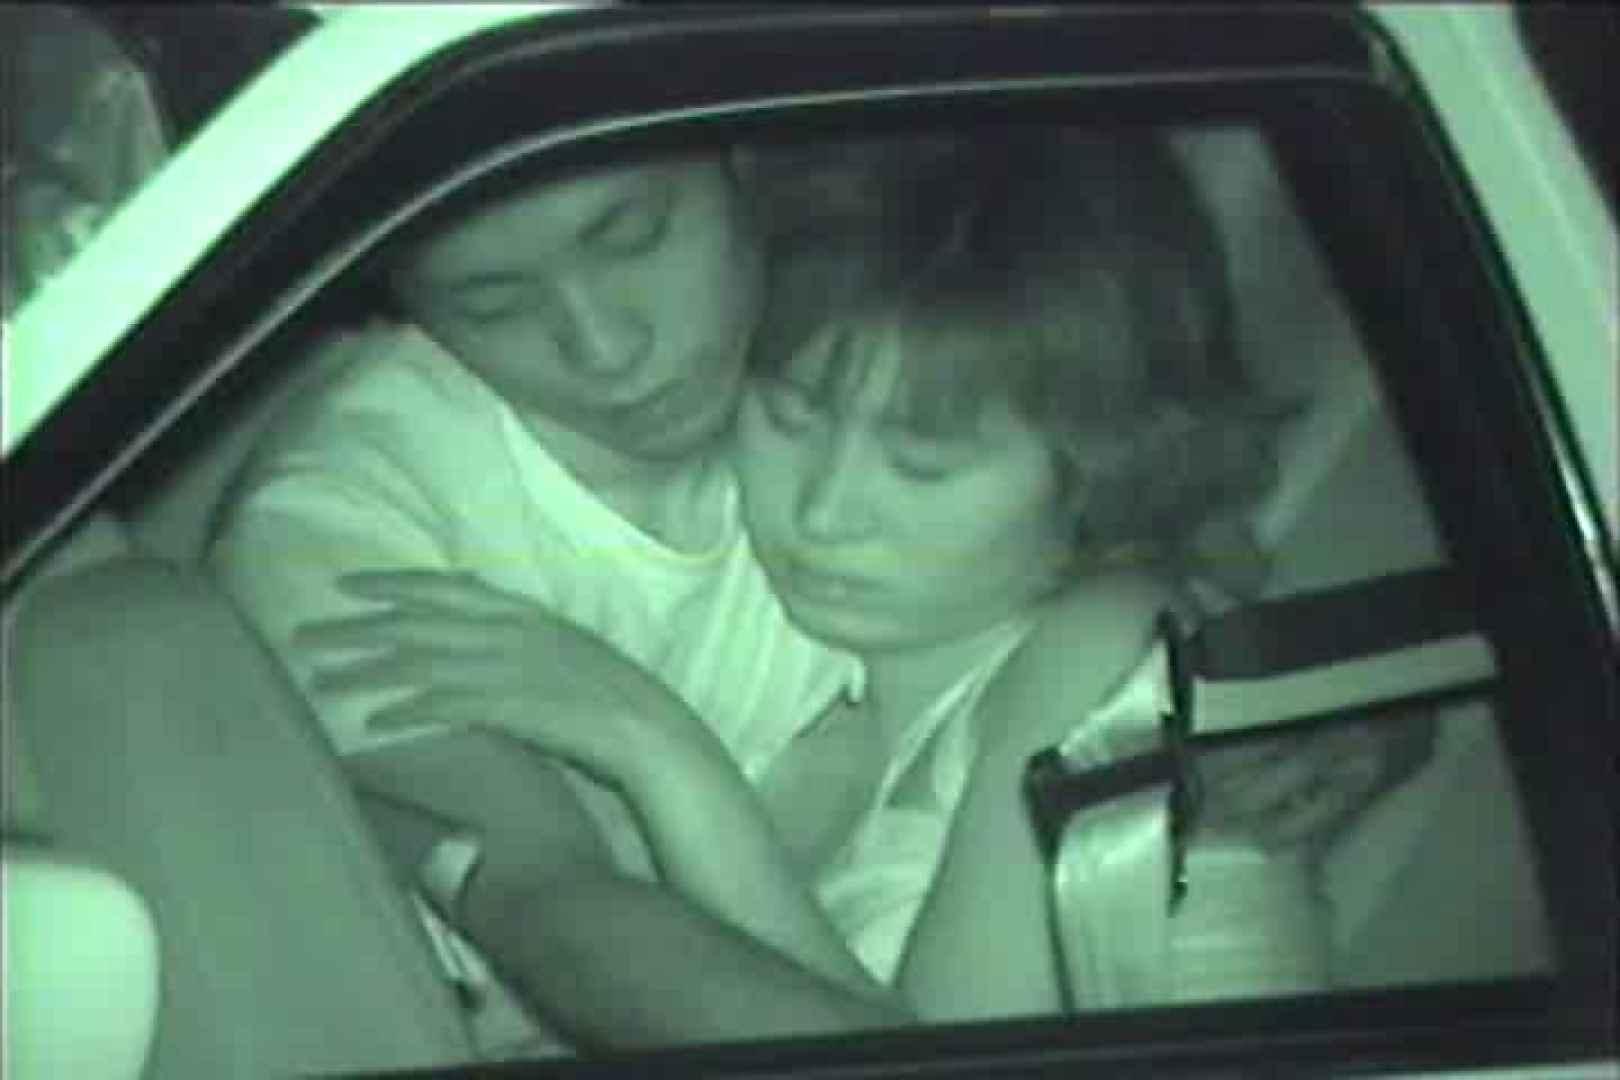 車の中はラブホテル 無修正版  Vol.17 0 | 0  98画像 67